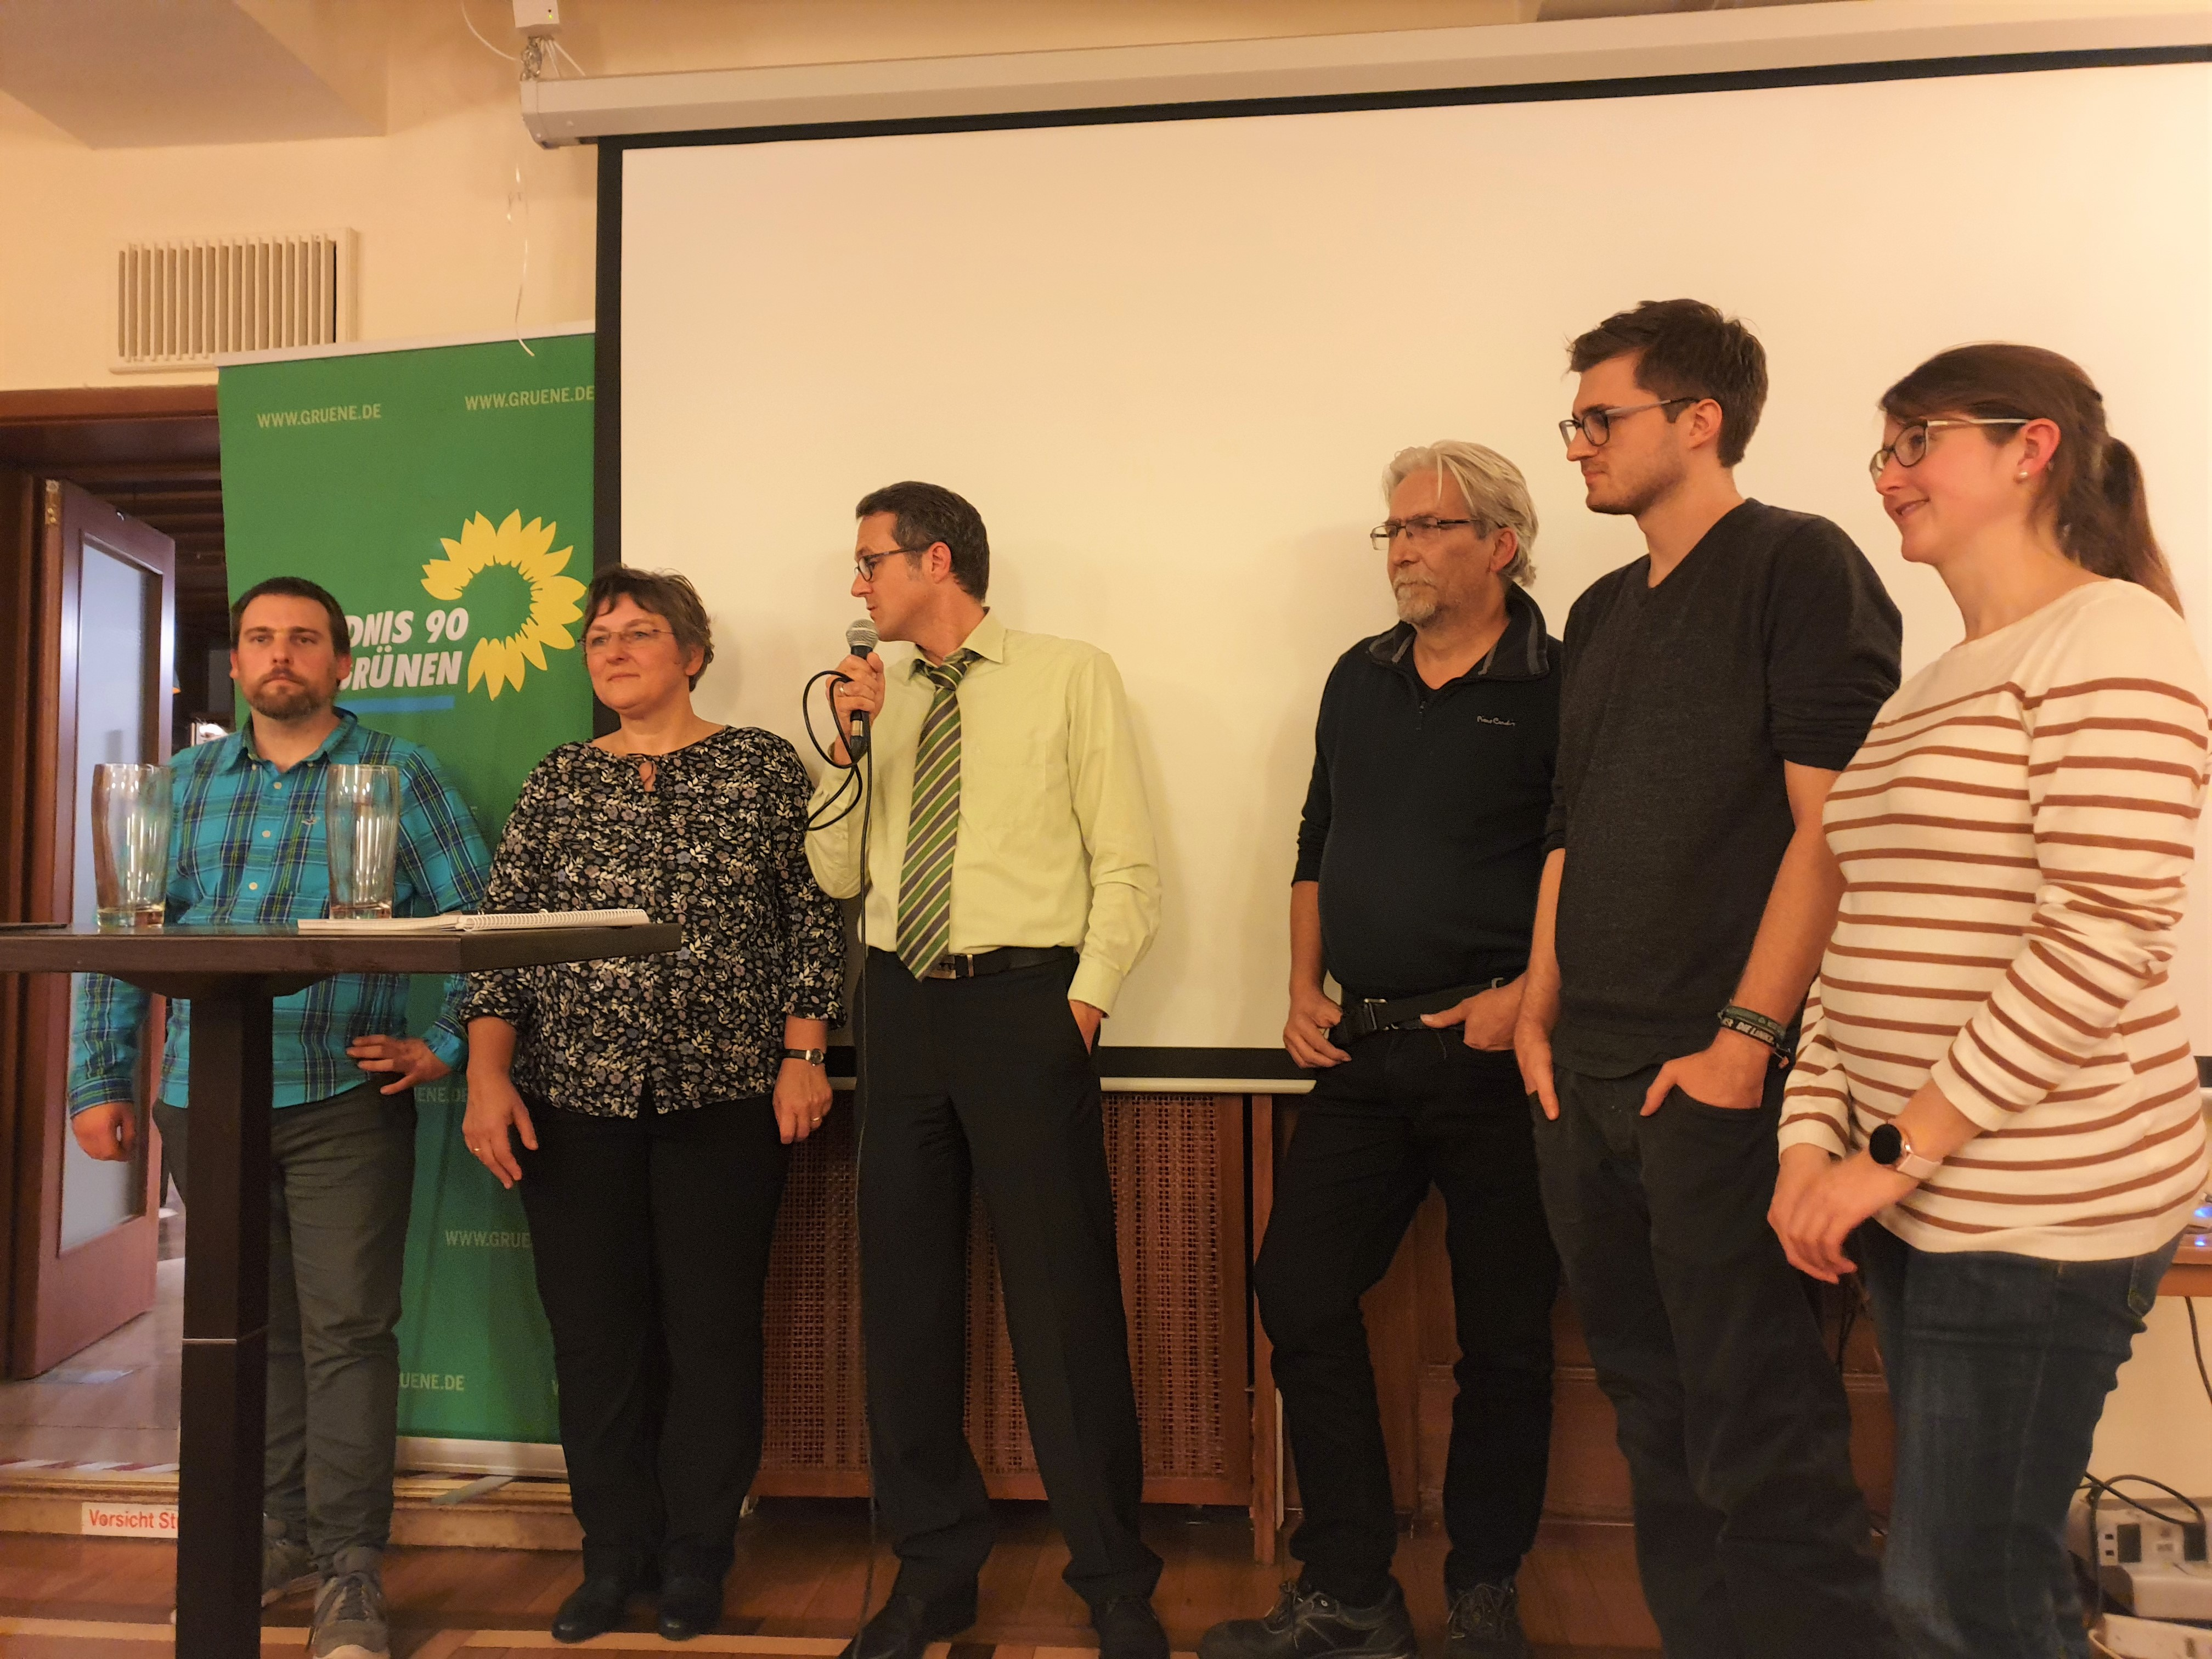 Ob der künftige Kaufbeurer Stadtrat sich geschlossen gegen Rechts stellt, hängt von den Kandidat*innen und den Wahlergebnissen im März 2020 ab. Von links: Sebastian Lipp (Allgäu-rechtsaußen), Catrin Riedl (SPD), Oliver Schill (Grüne), Martin Kollien-Glaser (Piraten), Christoph Gänsheimer (Linke), Eva Linsner (FW)